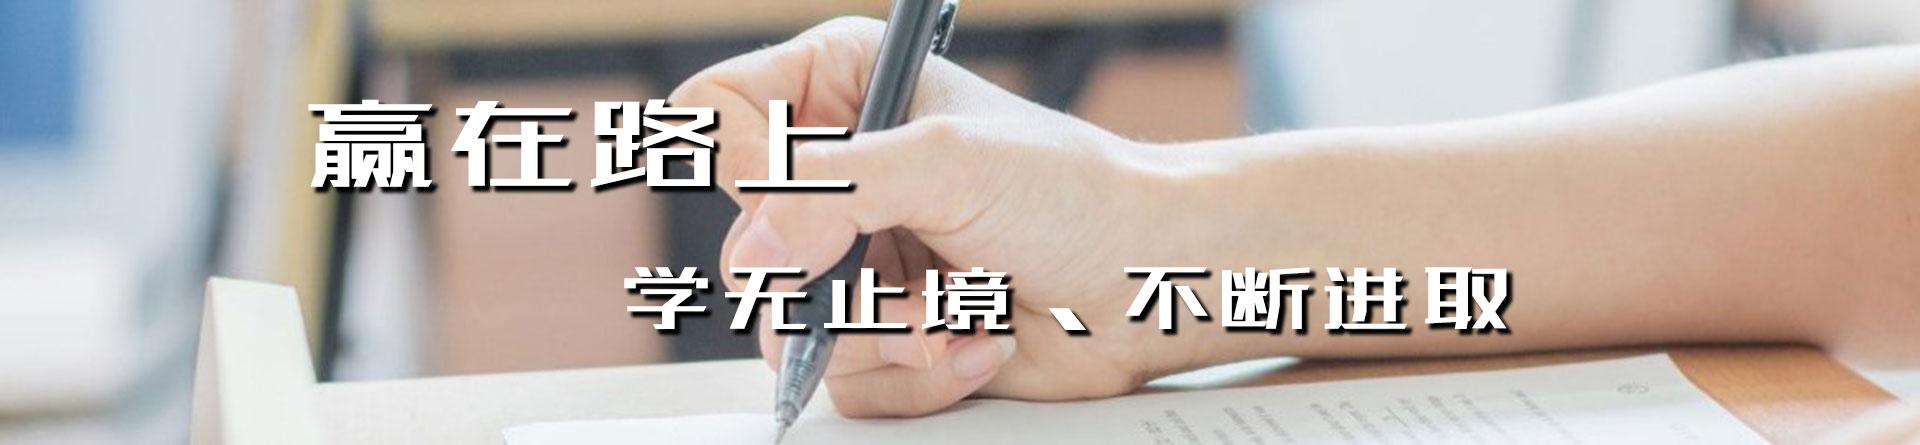 郑州赢在路上教育培训